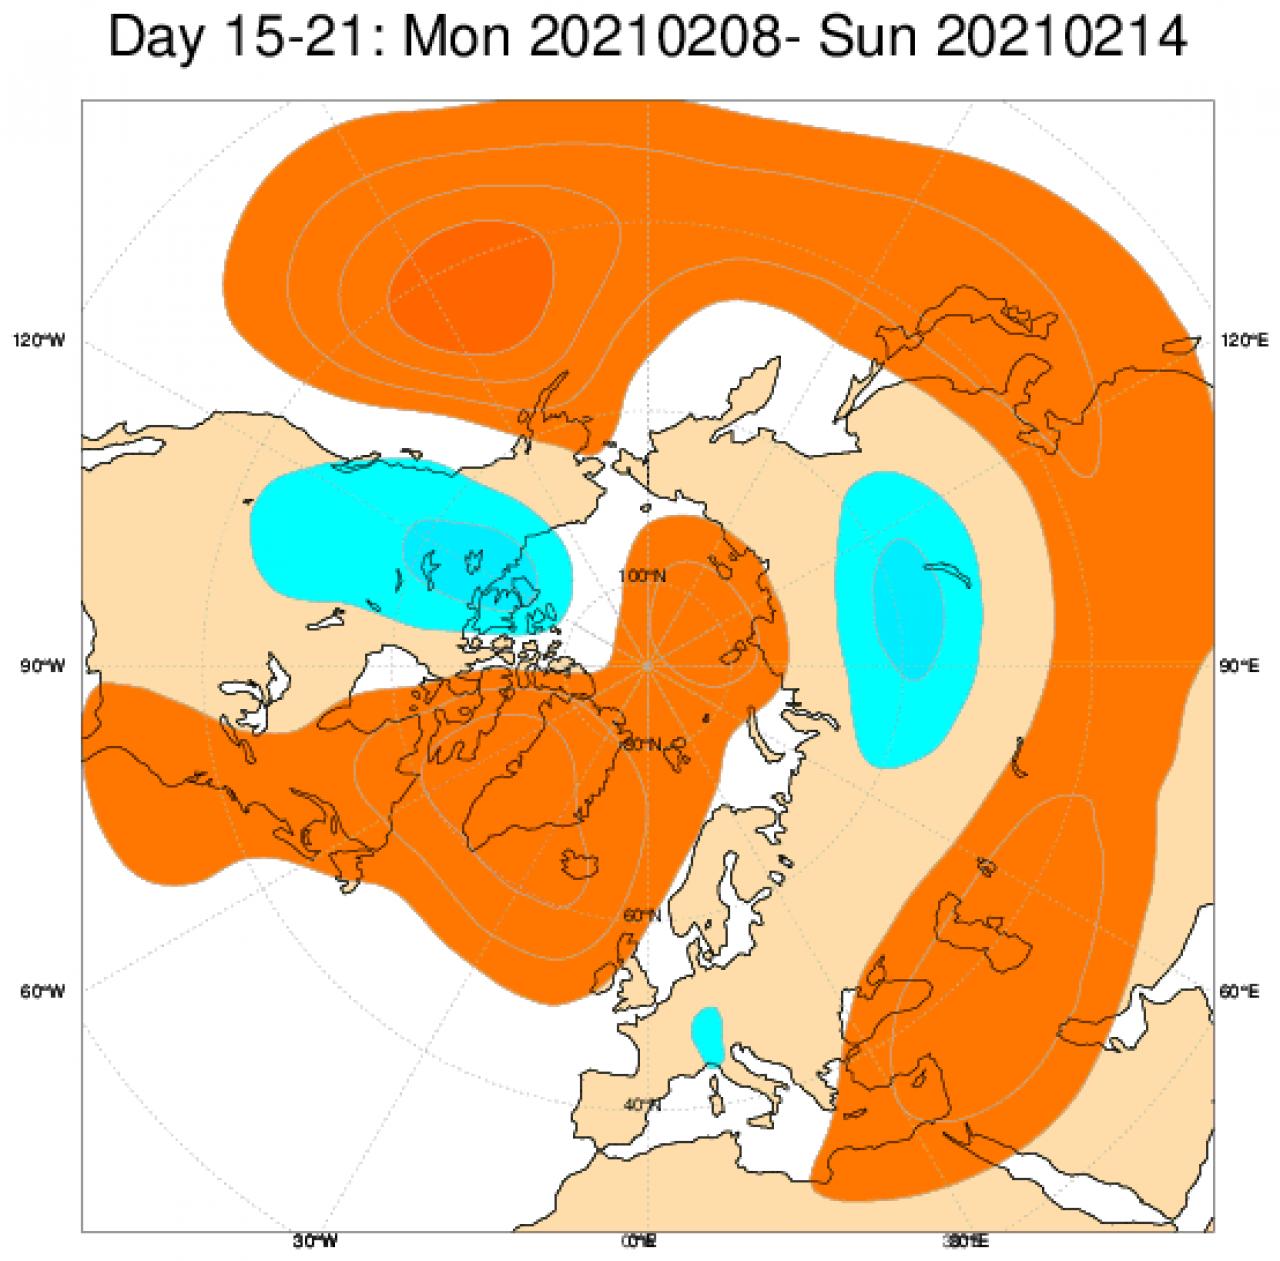 Le anomalie di geopotenziale secondo il modello ECMWF mediate in Europa sul periodo 8-14 febbraio